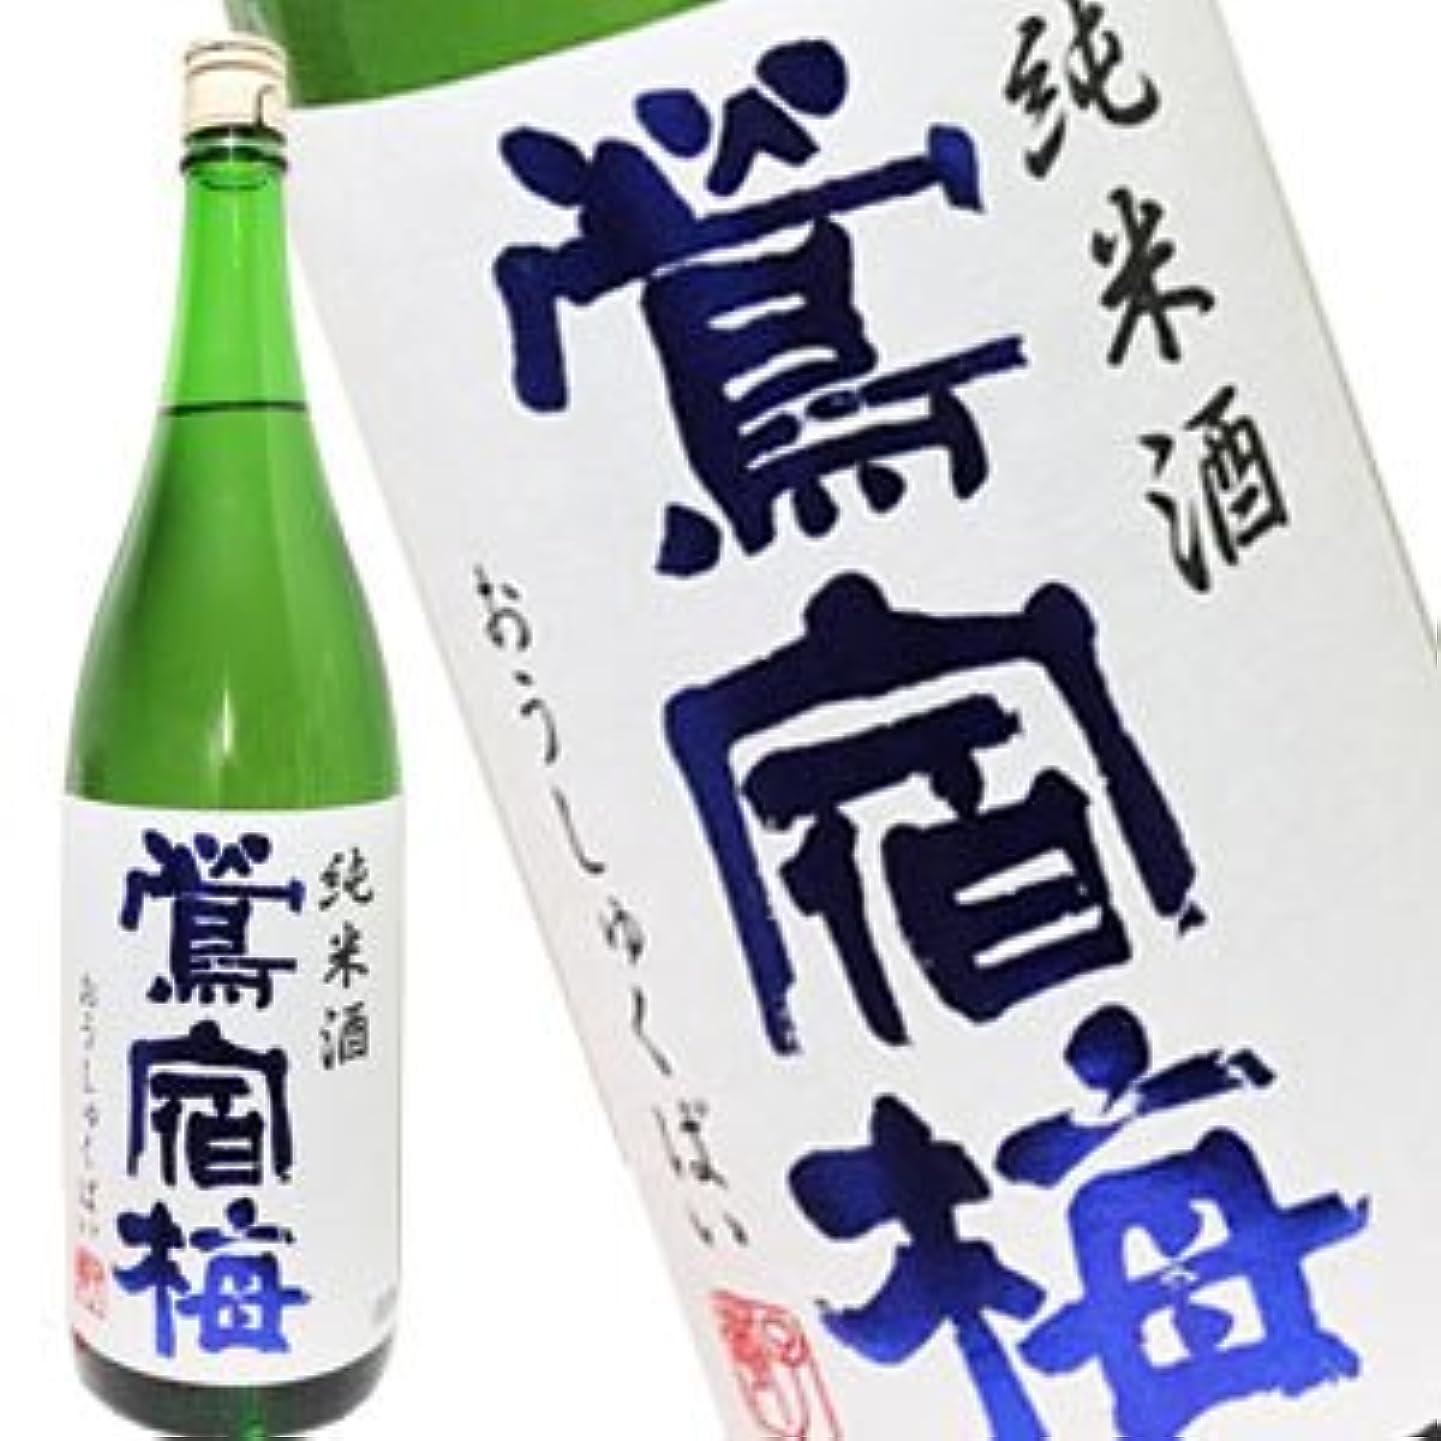 印象考古学浸す鶯宿梅 純米酒 1800ml